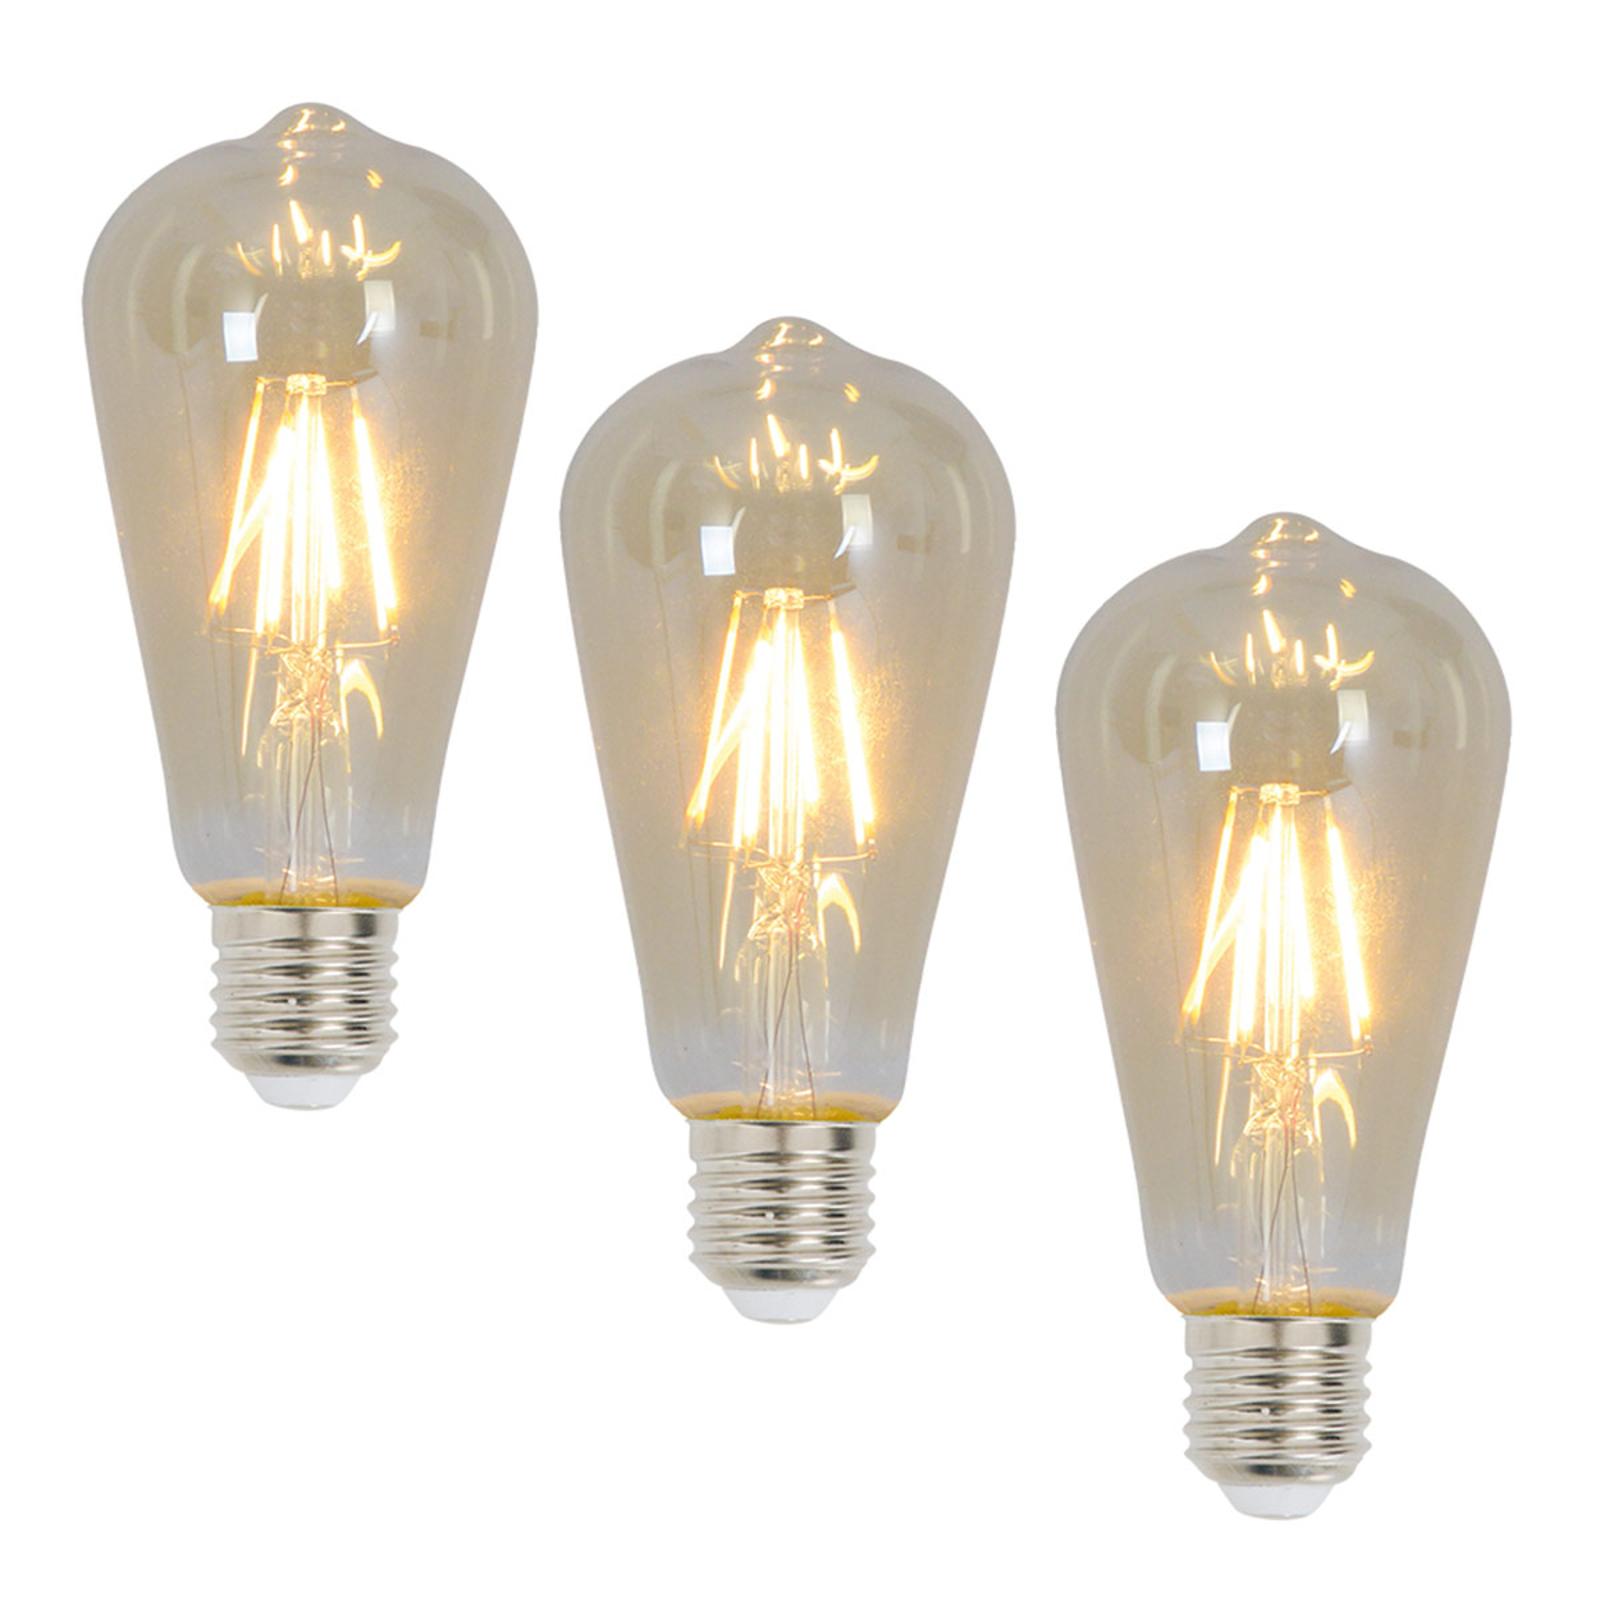 E27 LED-pære Rustika 4 W 300 lumen, 3-pk 2200 K